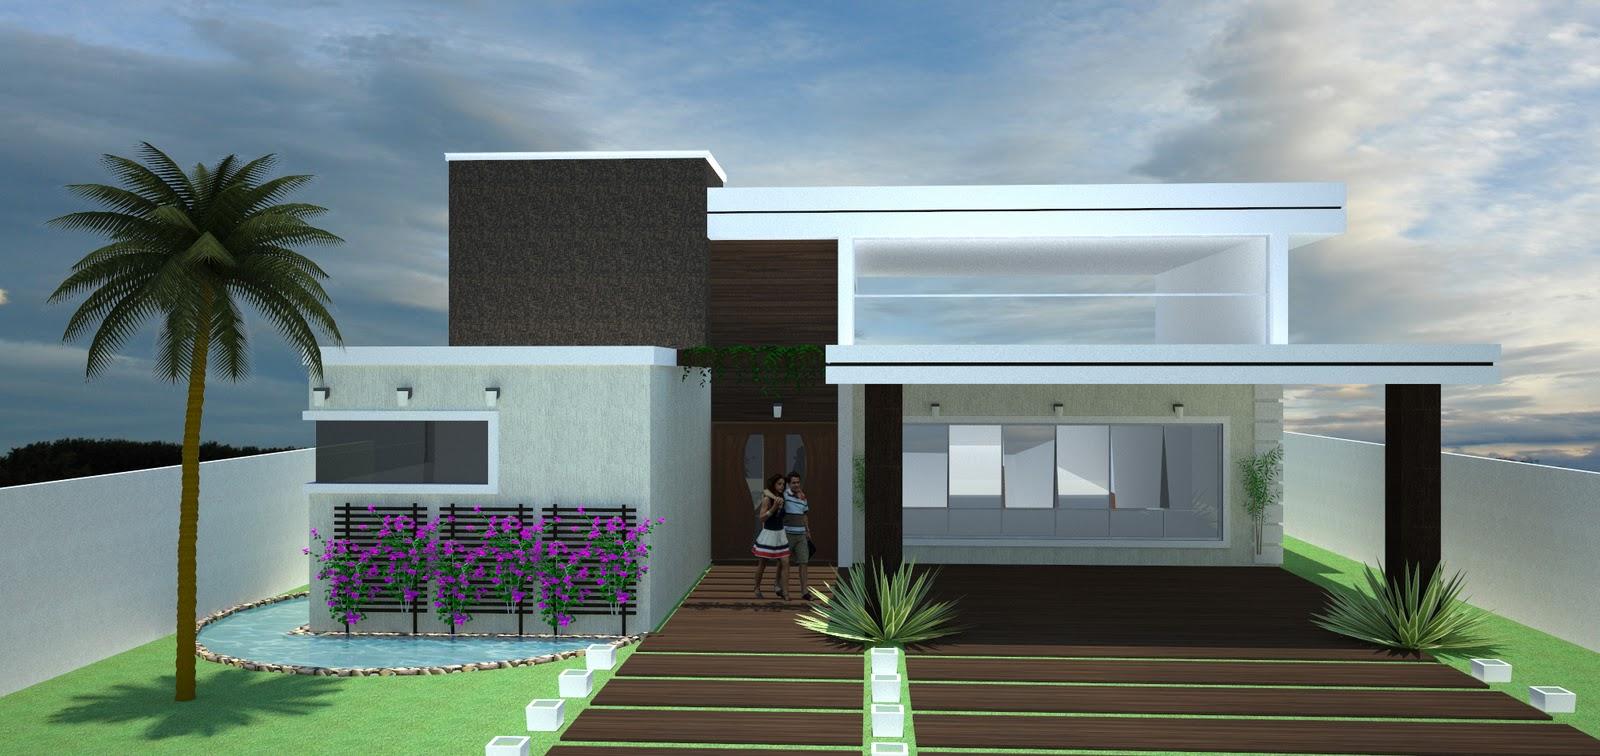 Construindo minha casa clean fachadas com ou sem telhado for Ver frentes de casas modernas